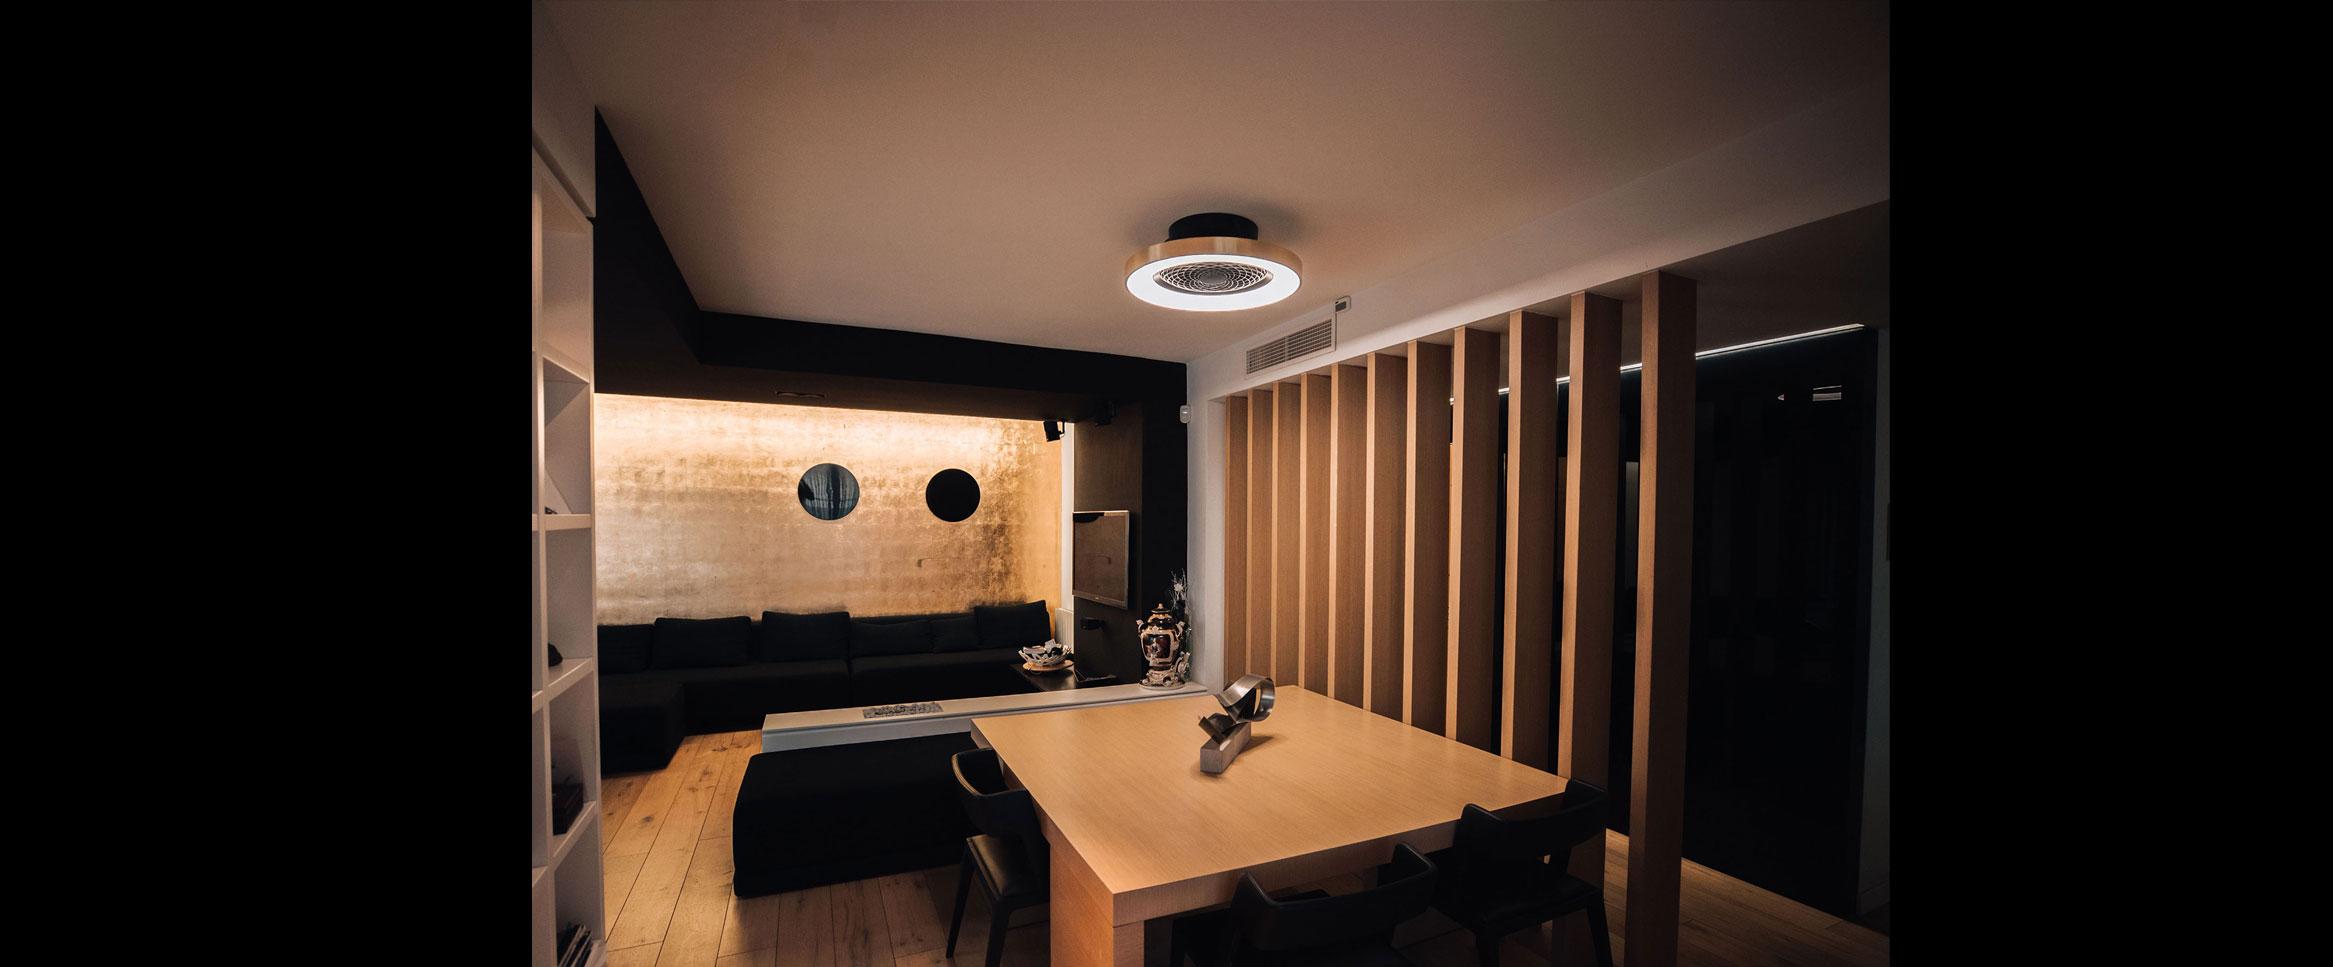 Comprar ventilador Mantra Tibet, el ventilador que se adapta a la decoración de tu hogar. El preferido para los proyectos de decoración e interiorismo. Ventiladores de techo moderno personalizables.